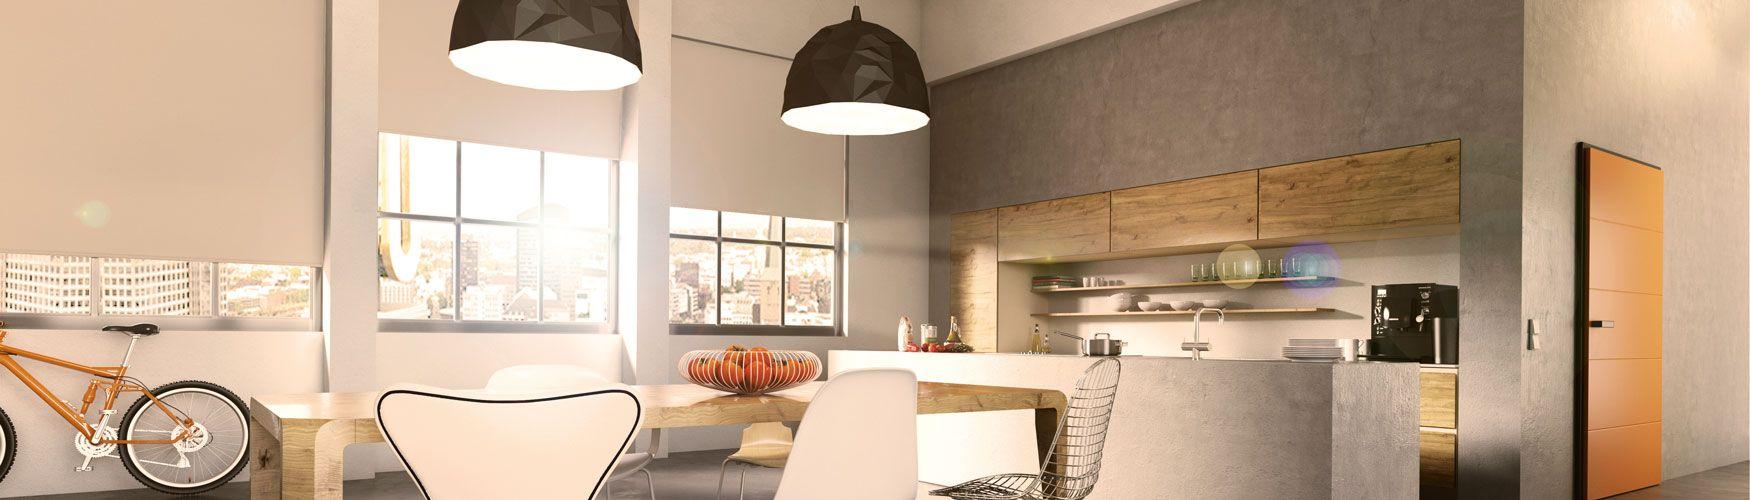 rollos ihr freiraum f r designakzente sonnenschutz caris. Black Bedroom Furniture Sets. Home Design Ideas